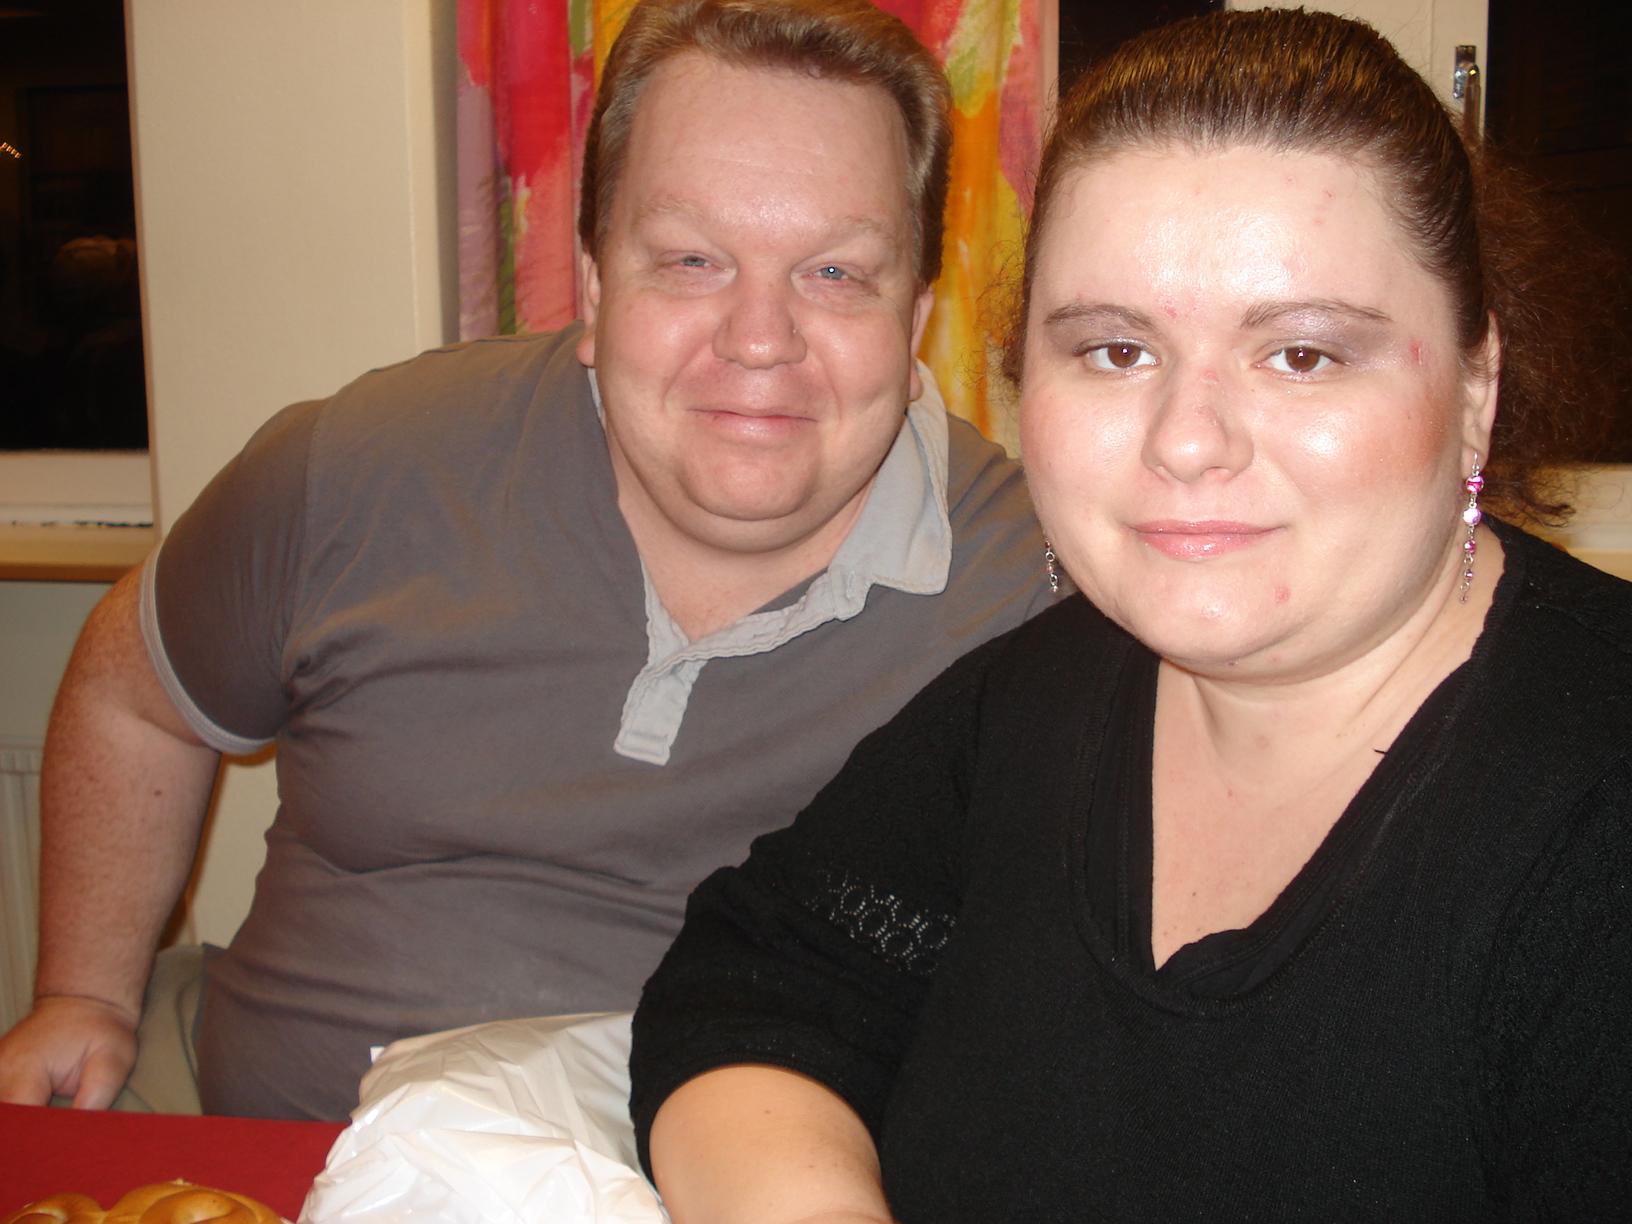 Segrare i Öppna gruppen: Stefan Klang, här med hustrun Veronika, elva i Lilla gruppen.